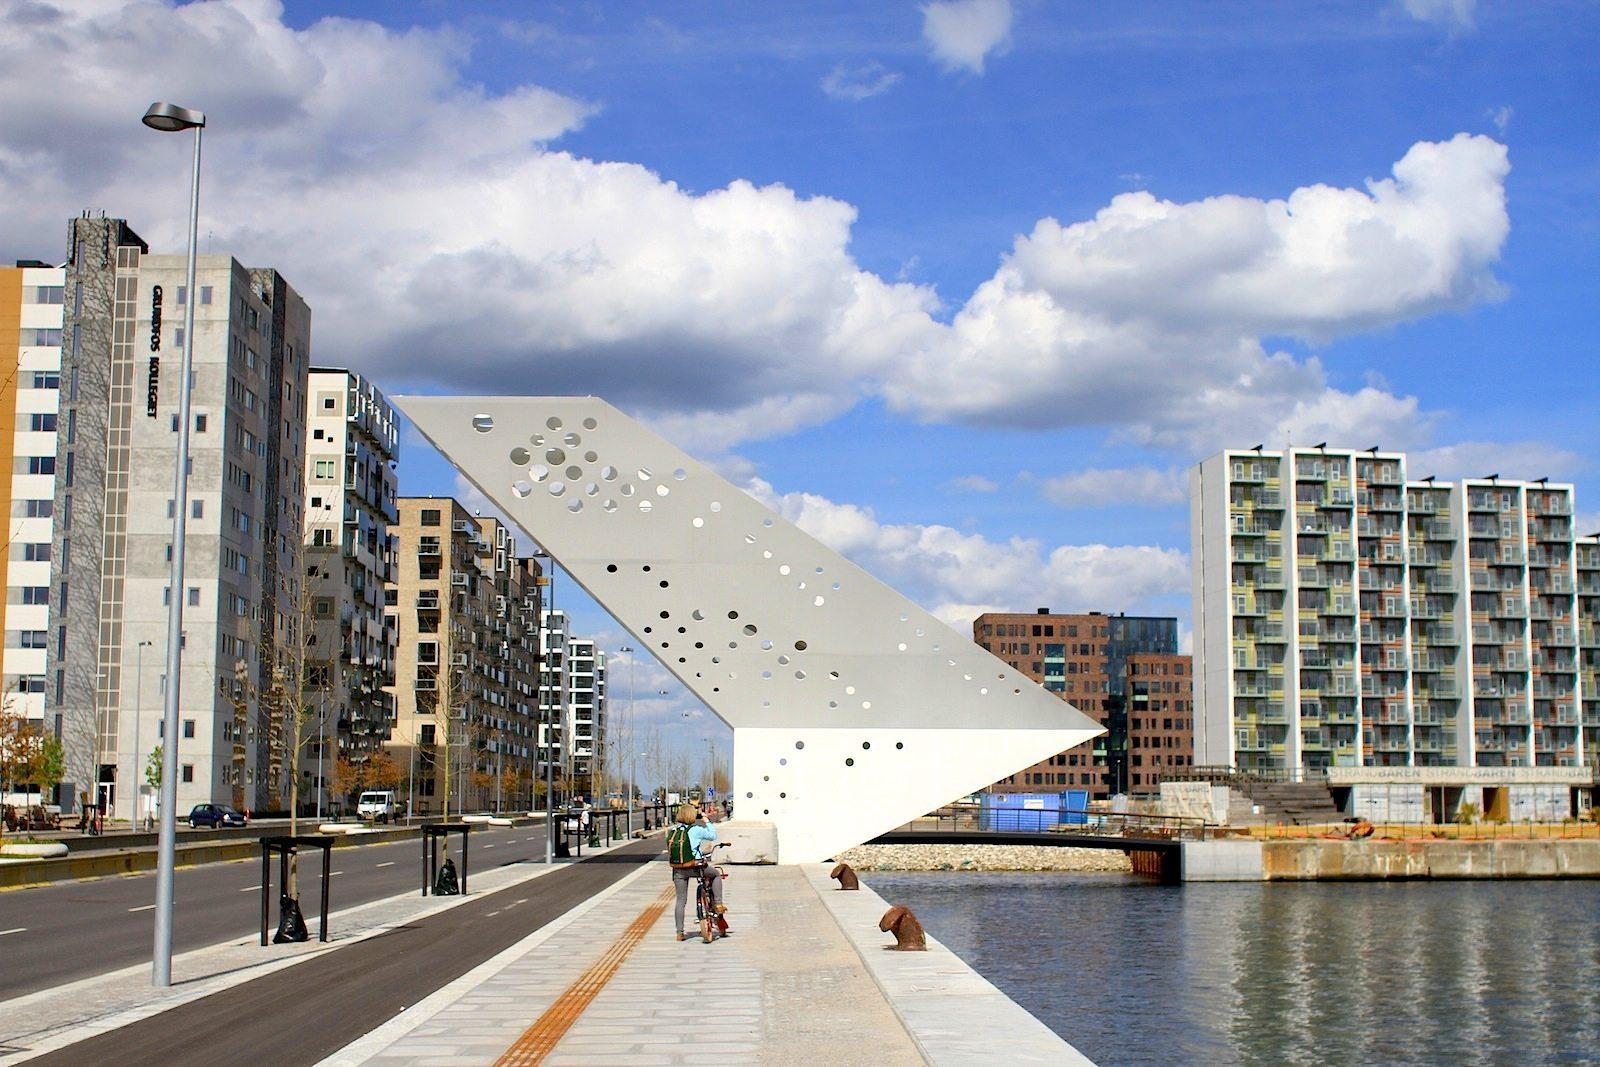 The Salling Tower.  von Dorte Mandrup Arkitekter. Das Büro wurde von Dorte Mandrup-Poulsen 1999 gegründet und hat seinen Sitz in Kopenhagen. Sie hat Architektur an der Aarhus School of Architecture studiert und hat einige Jahre bei Henning Larsen Architects gearbeitet. Die Architektur des Büros zeichnet sich auch durch ein skulpturales Zusammenspiel von Formen und Materialien aus.